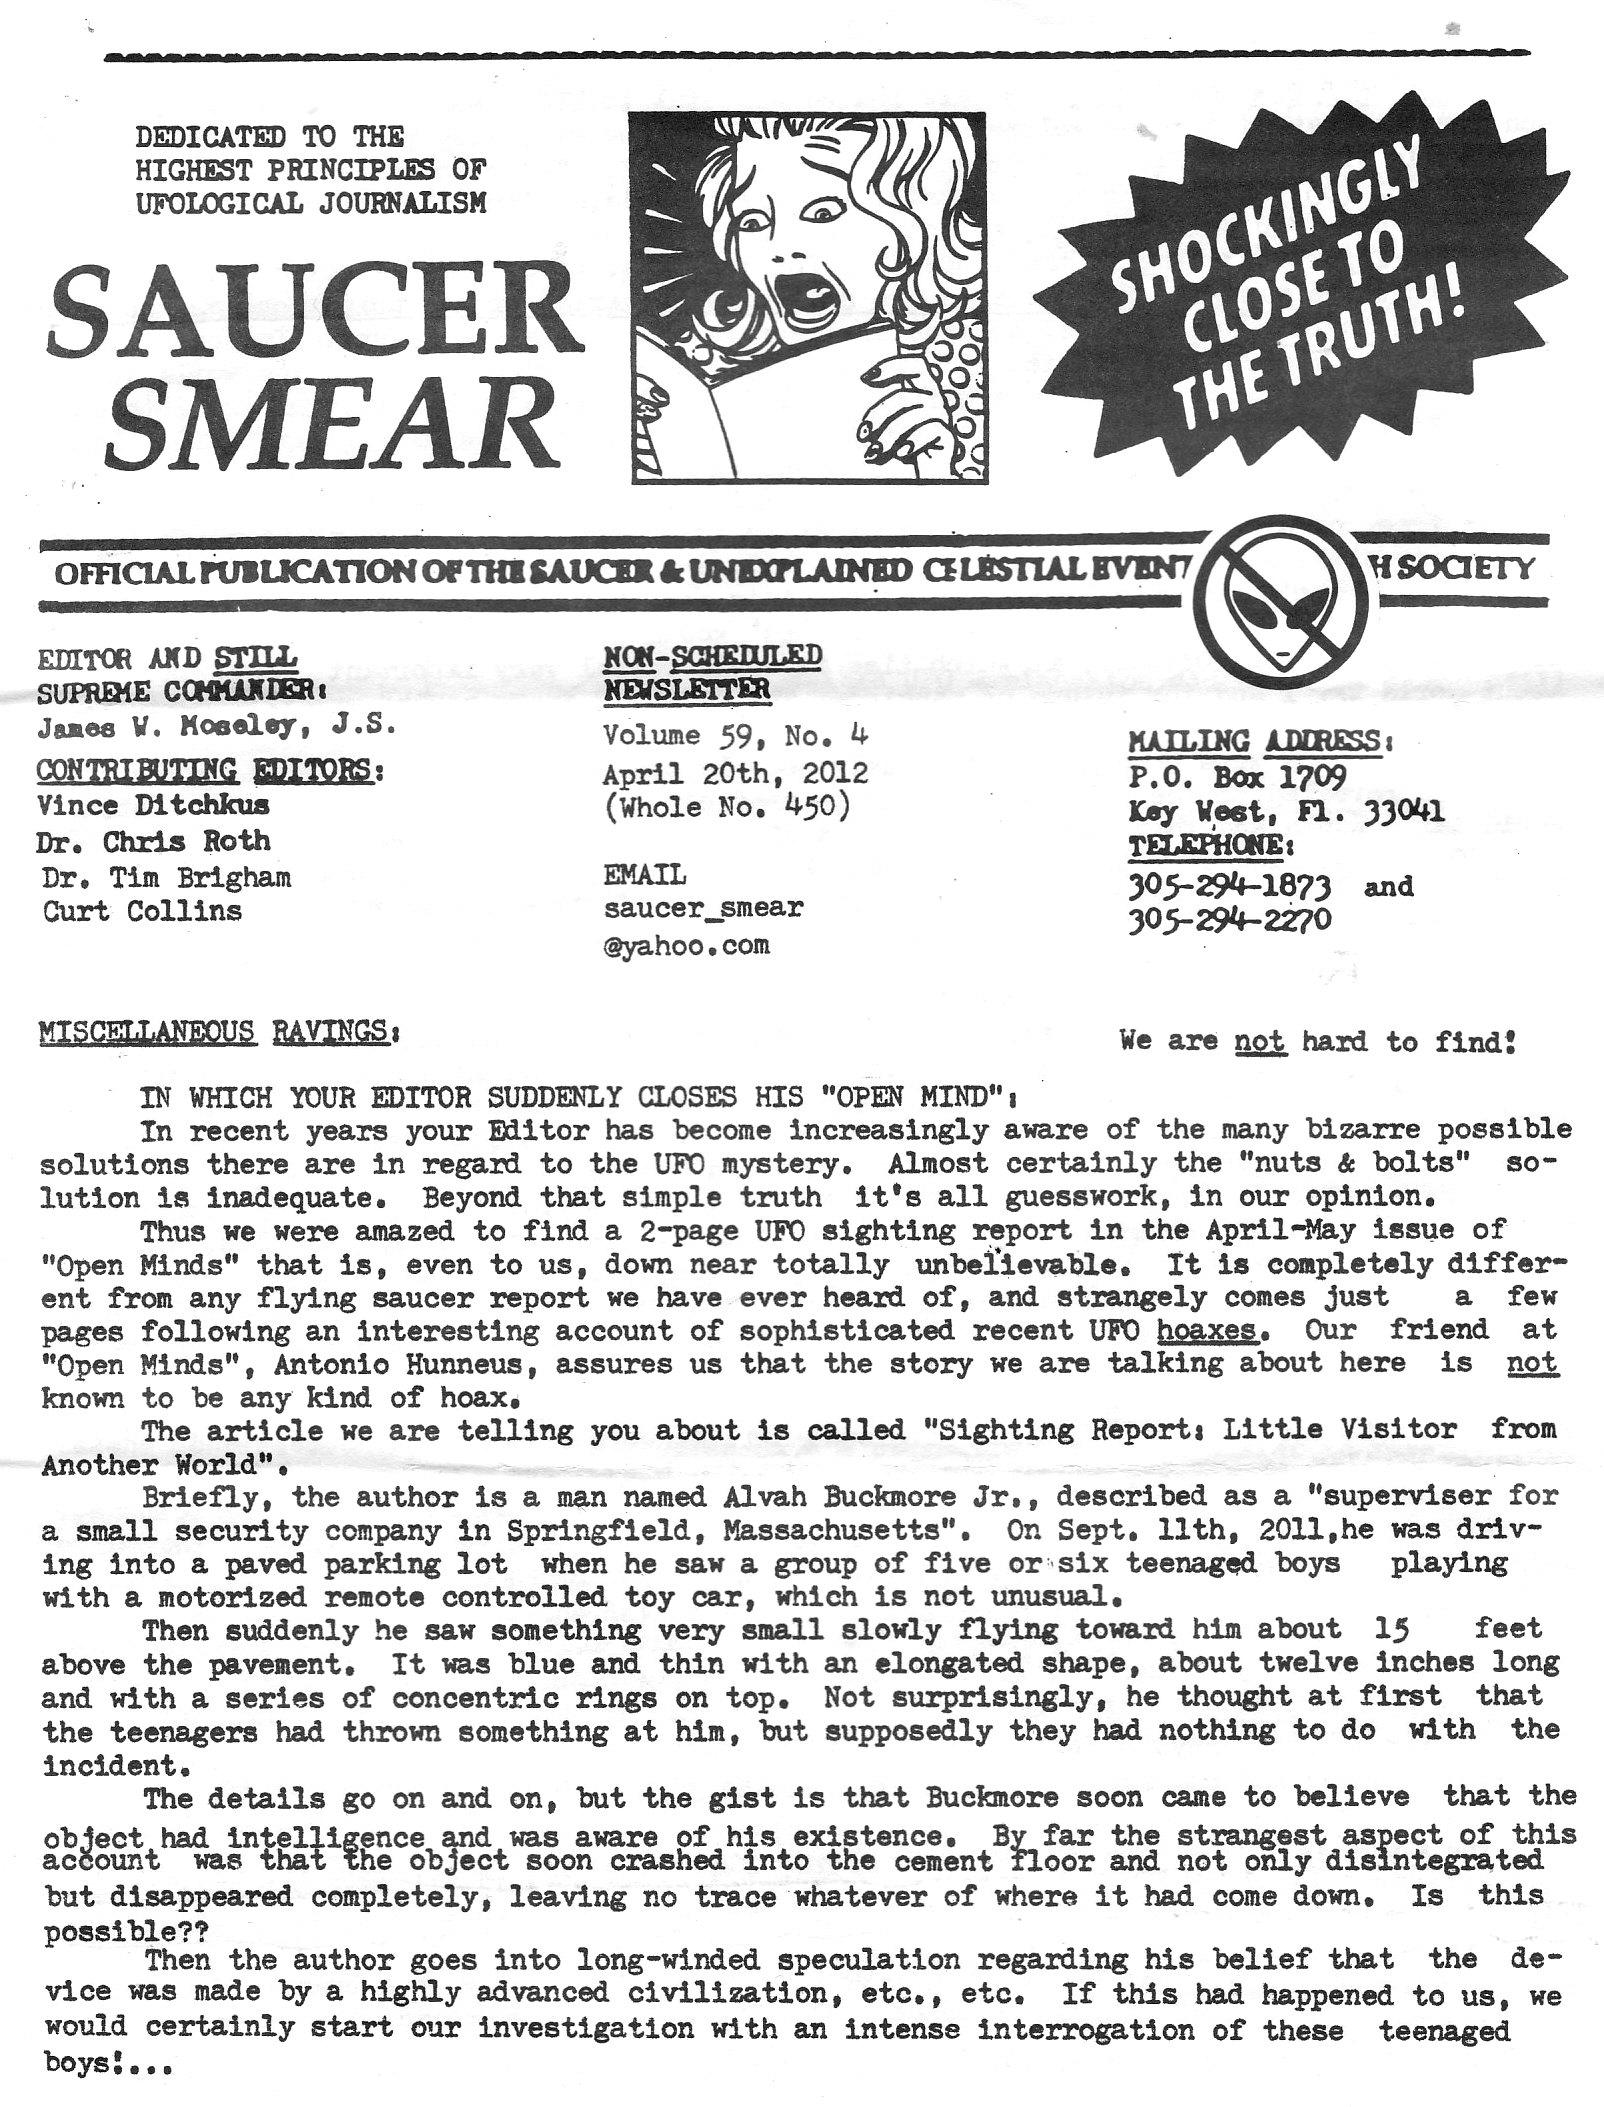 Saucer Smear Vol59 No4 450